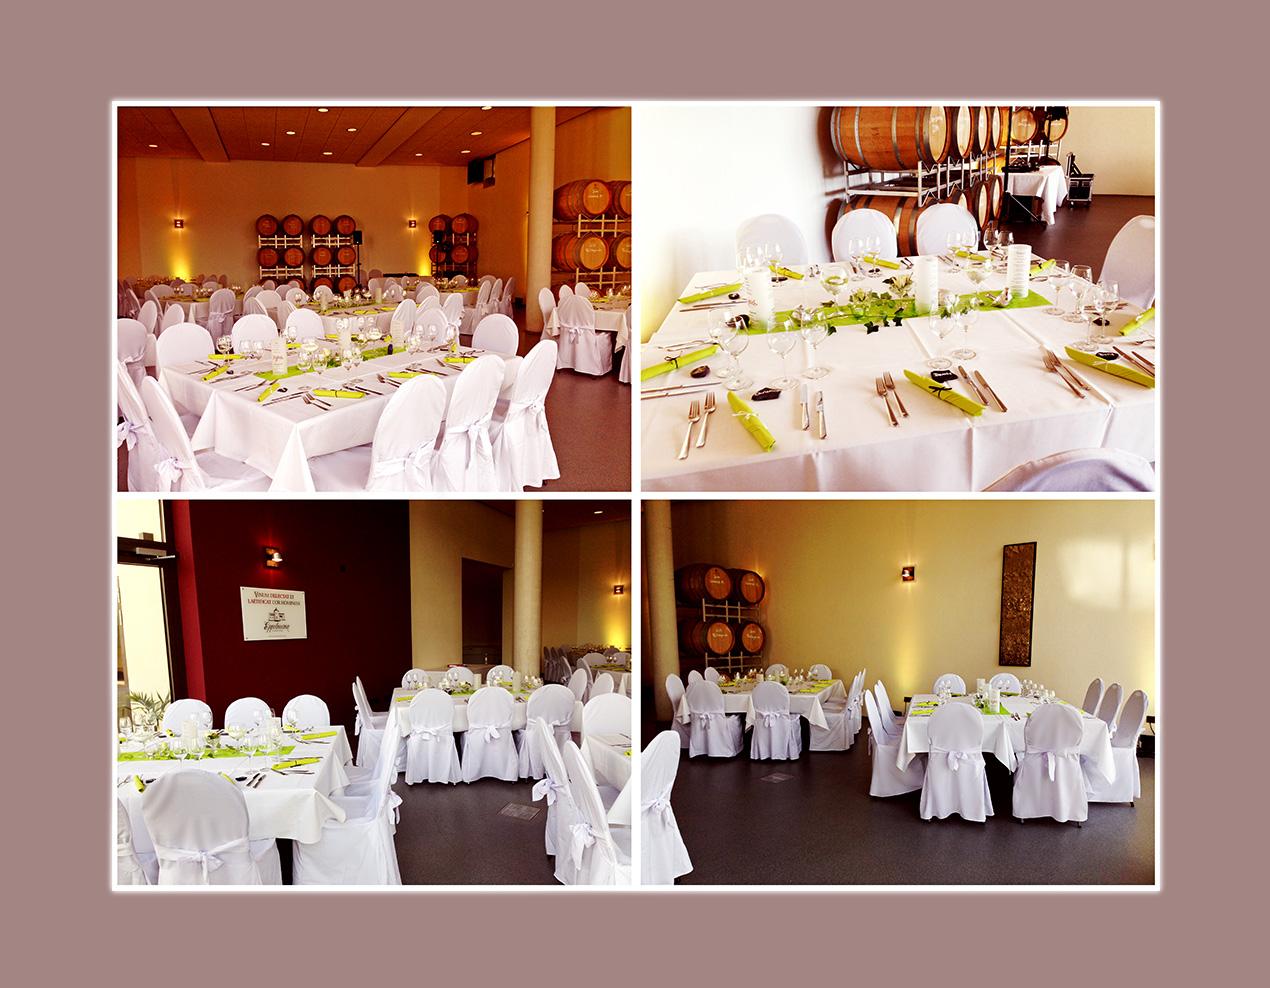 Hochzeit in der BarriqueScheune - Weingut Eppelmann in Stadecken-Elsheim bei Mainz